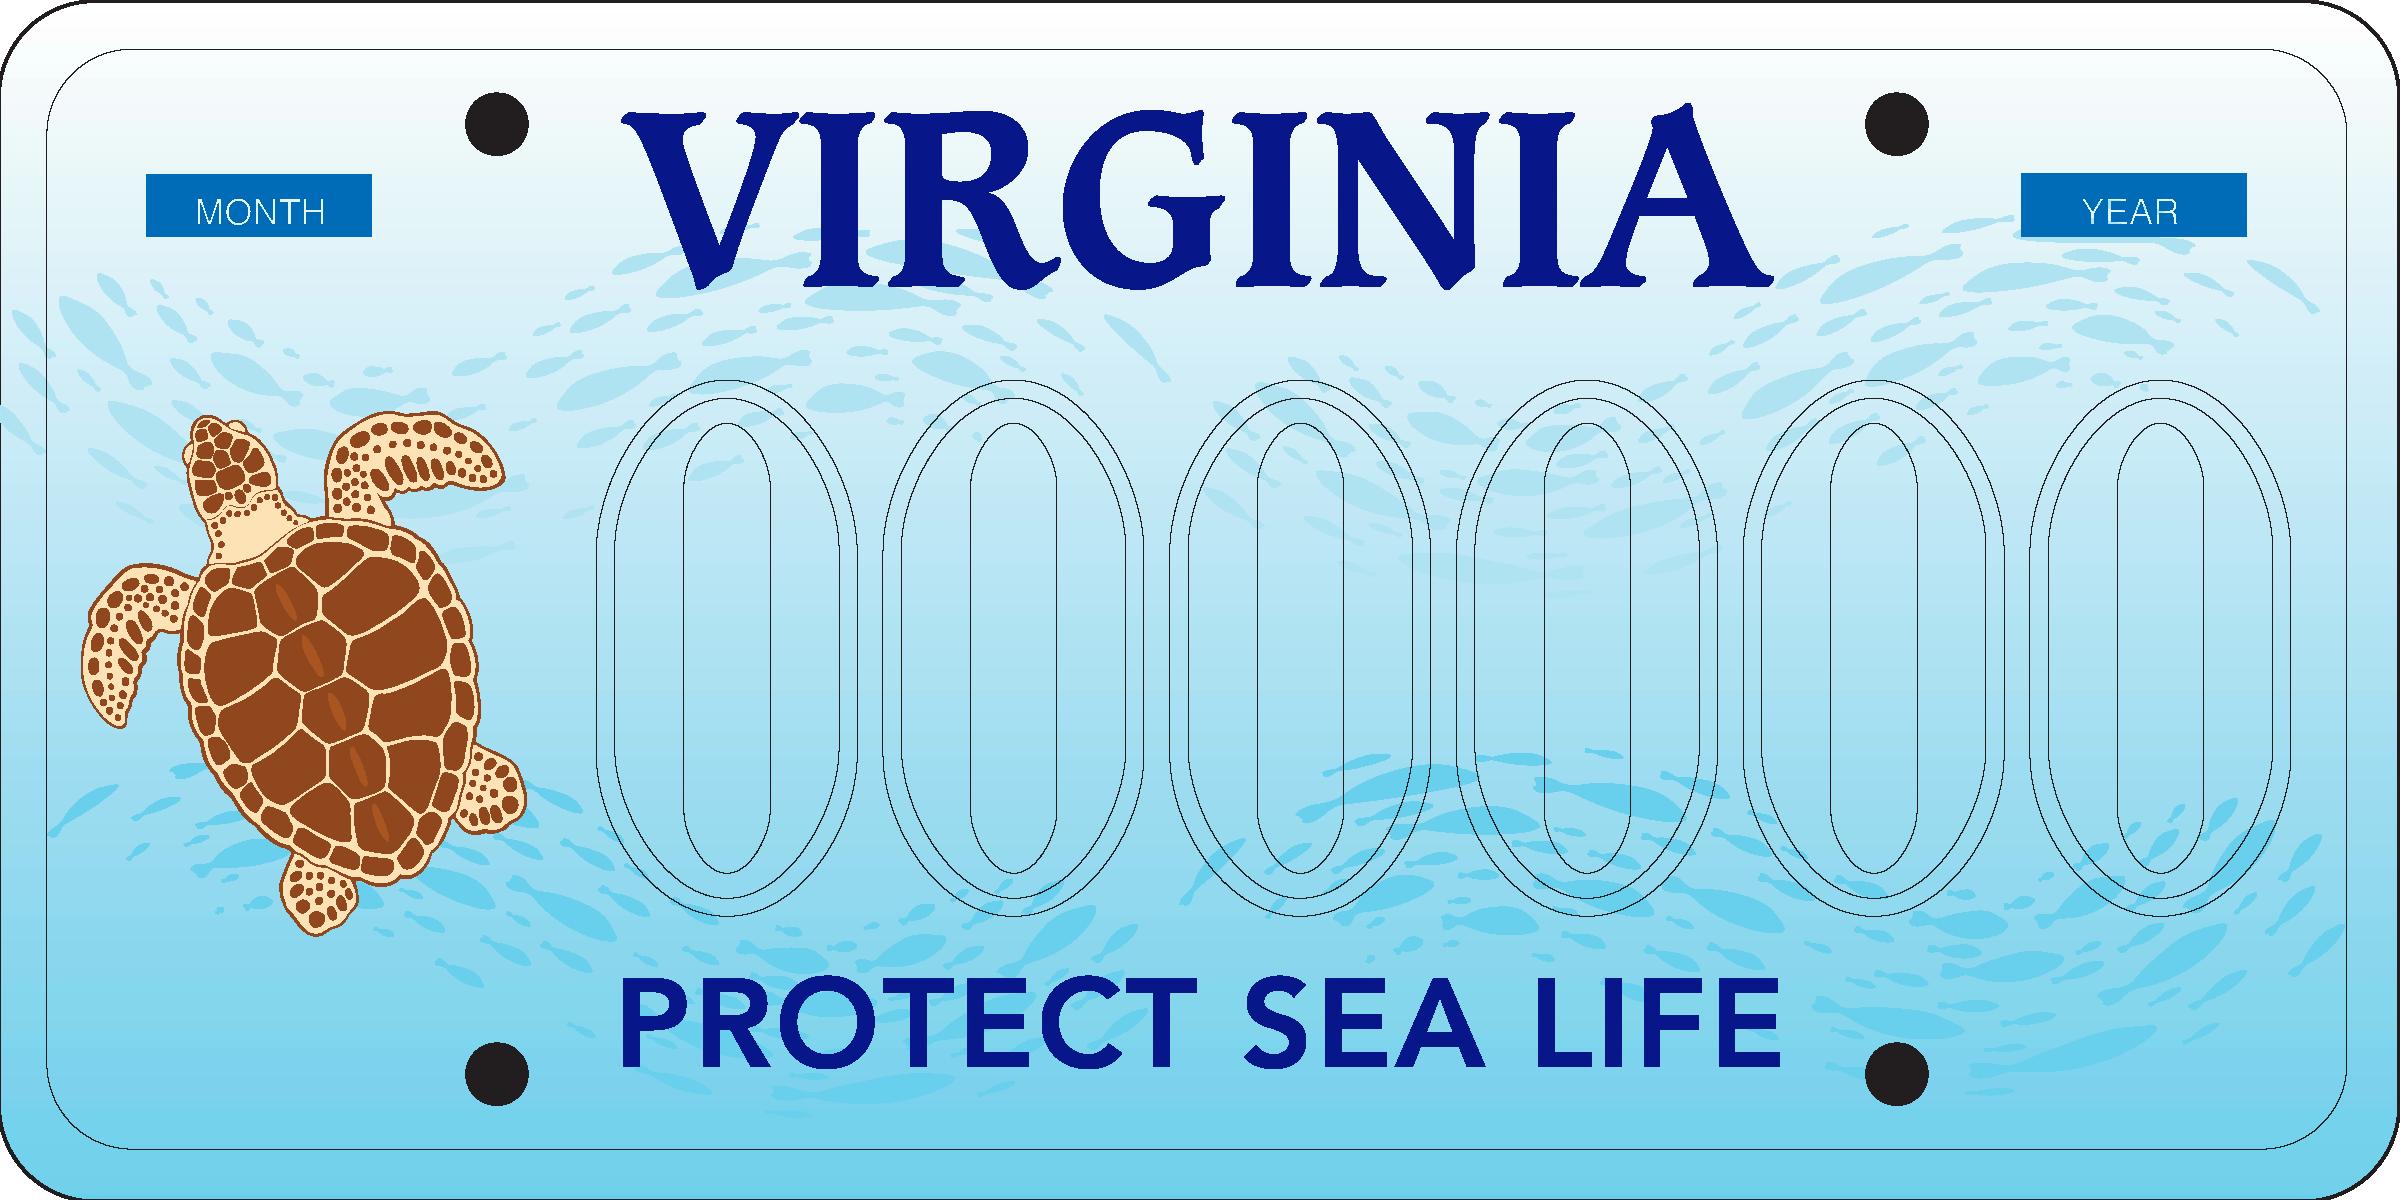 Virginia Aquarium Protect Sea Life license plate